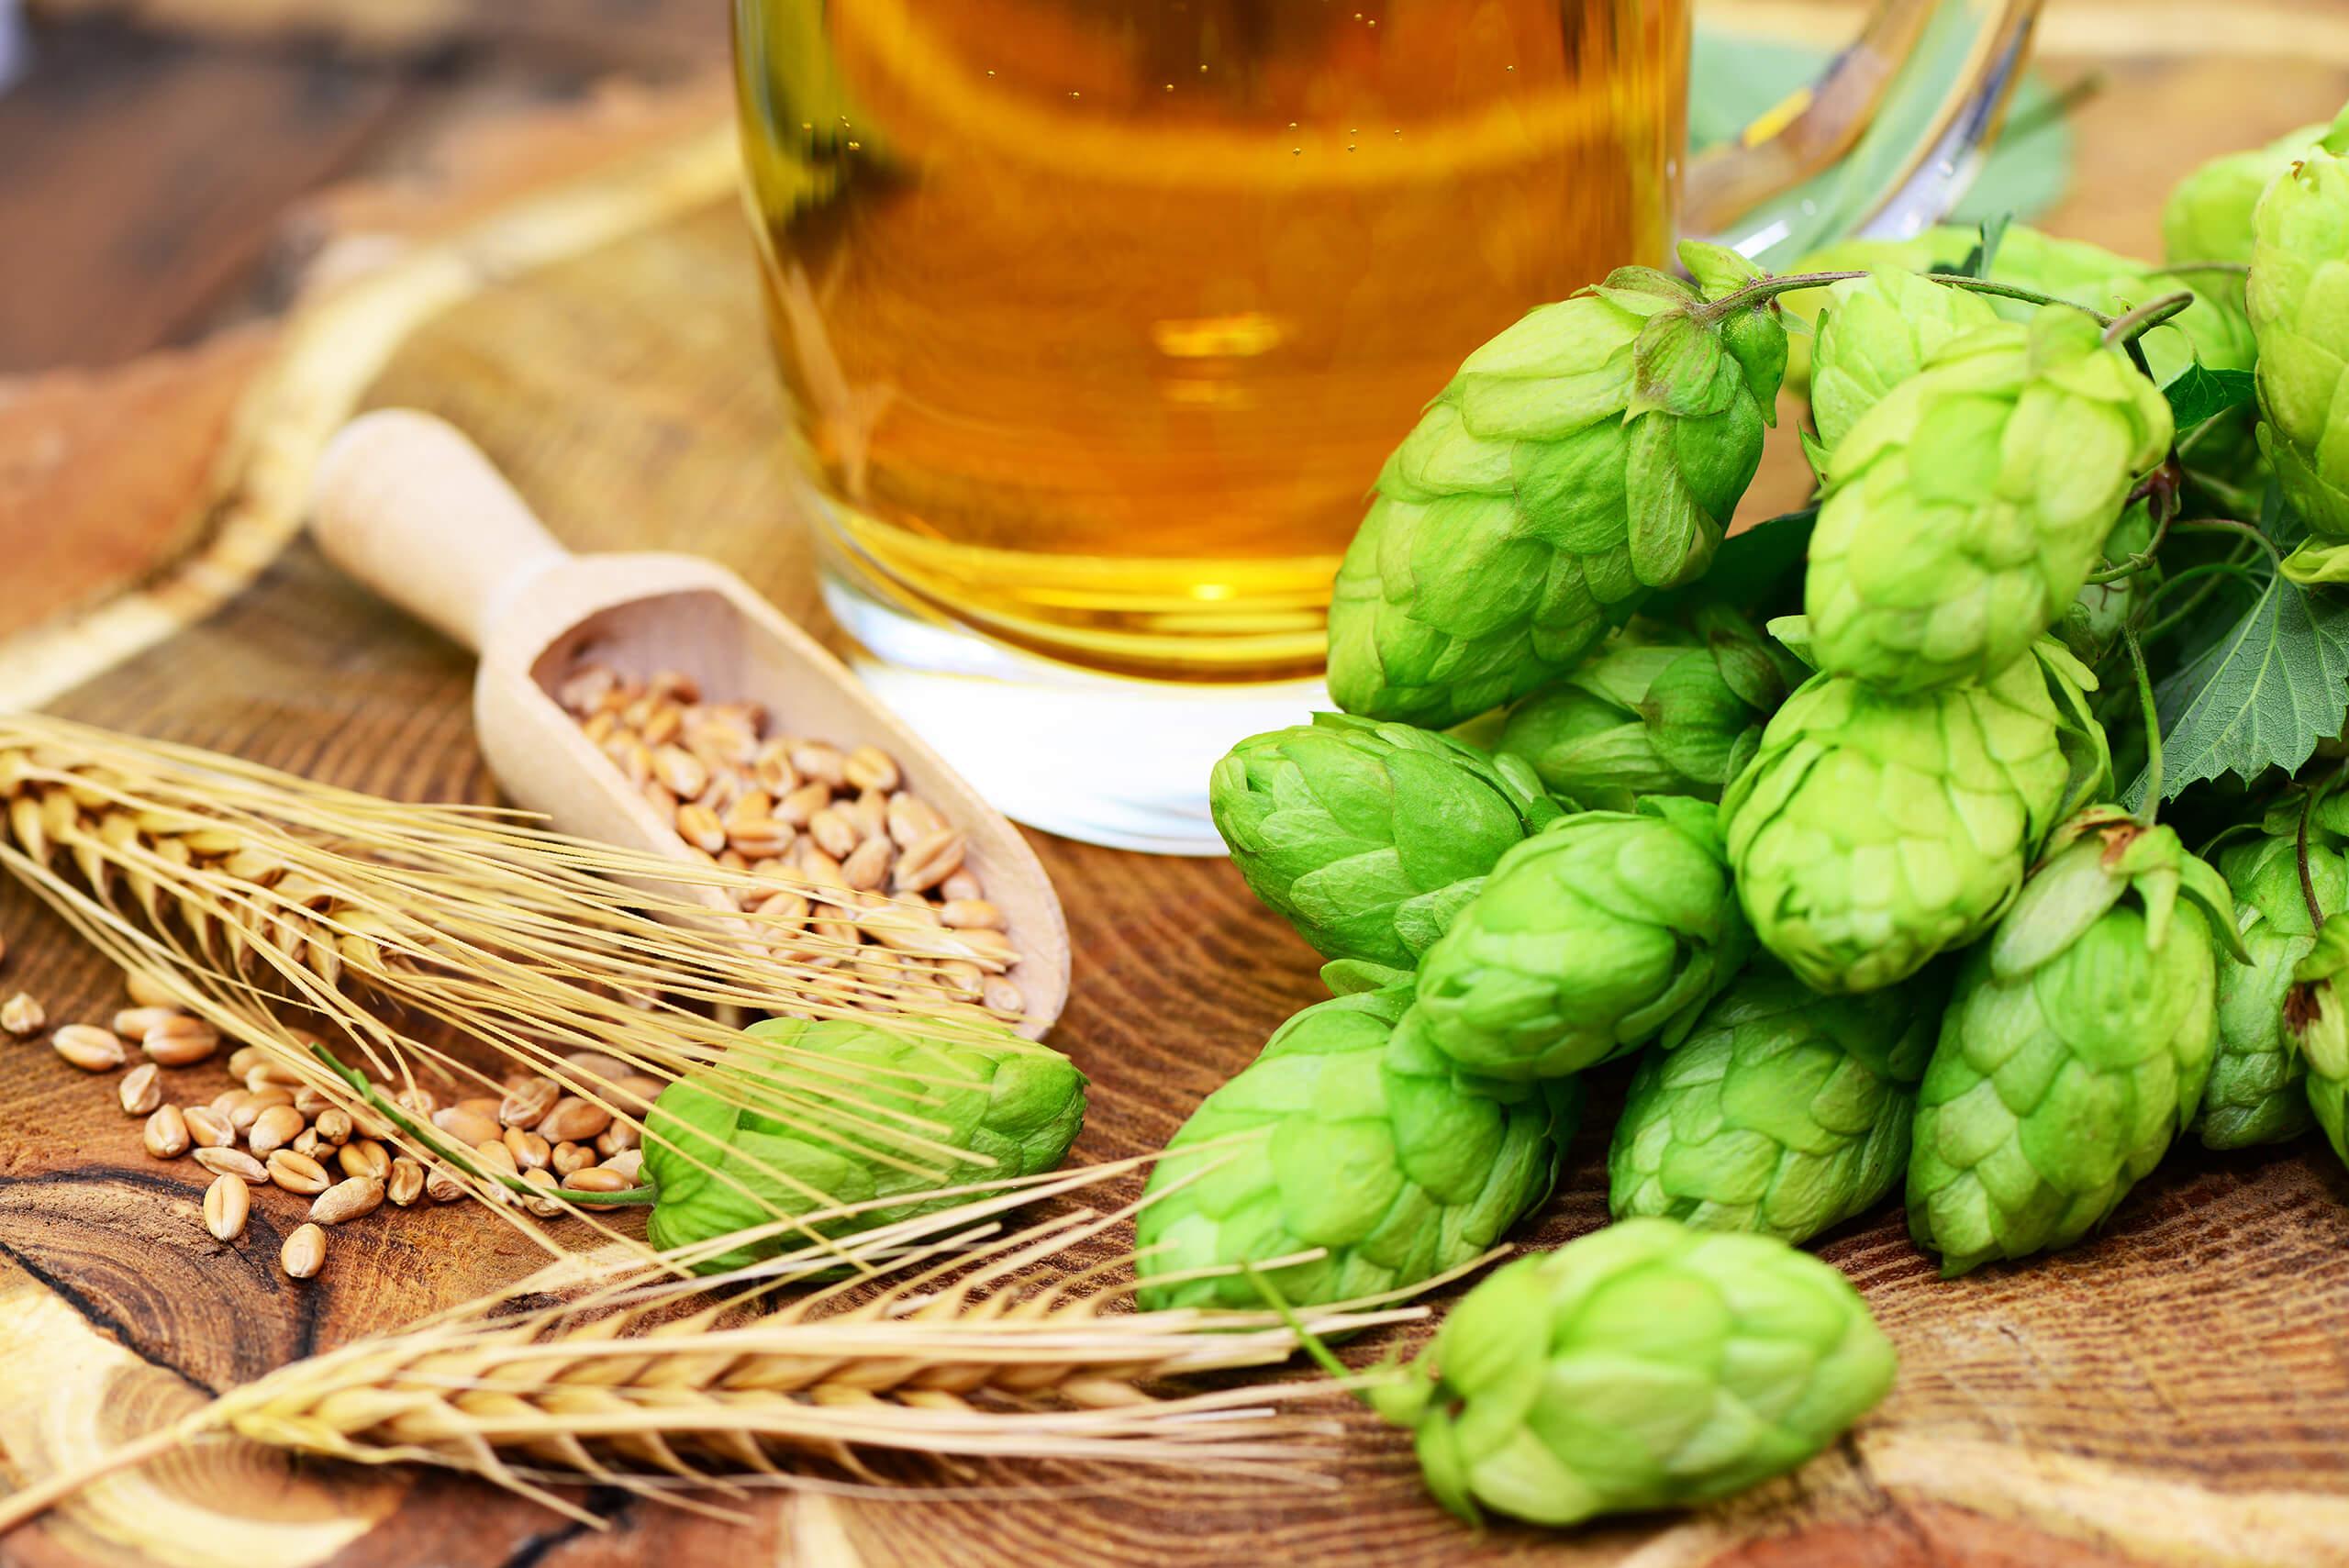 File graphic describing science of brewing beer